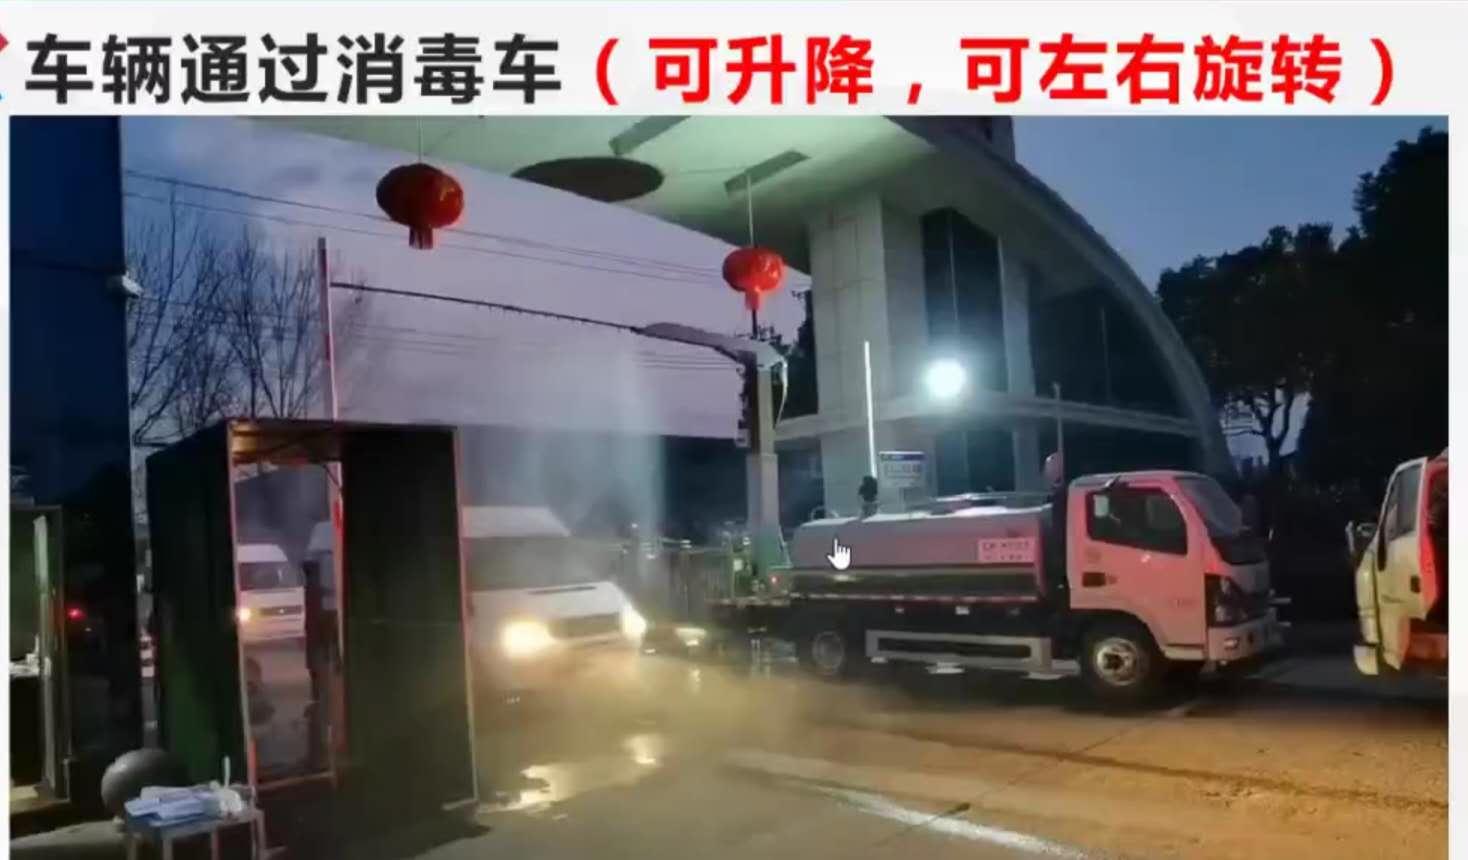 车辆通过消毒车,消毒方便快捷